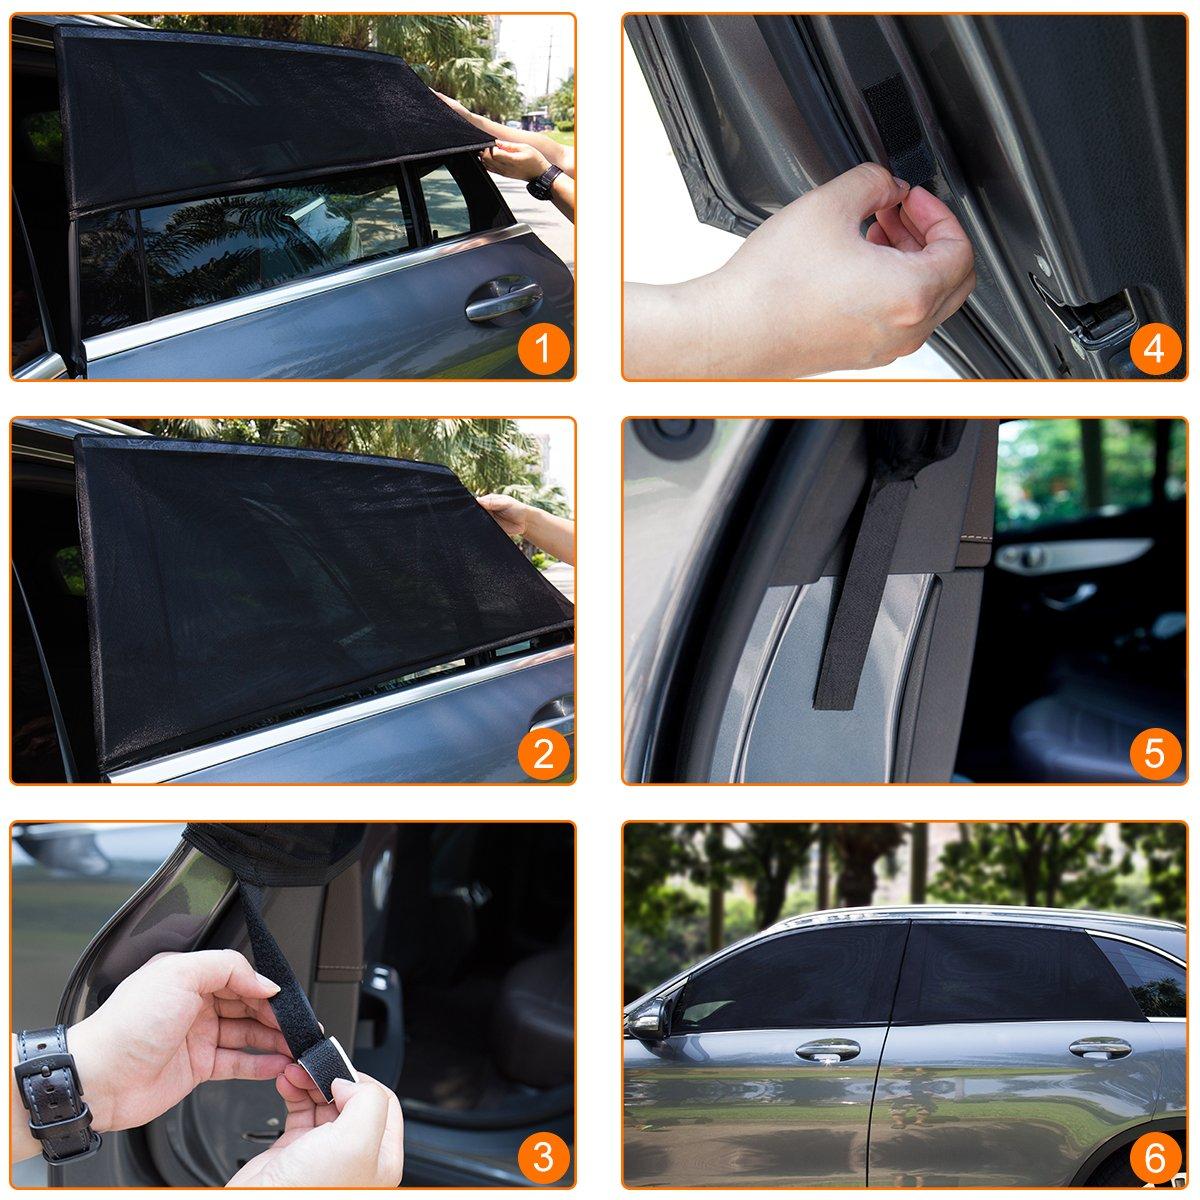 Baby Car Sun Shade,Car Side Window Sun Shade,Block Harmful UV,Free Towel Meleden 4 Pack Car Sun Shades for Baby Front and Rear Side Car Sun Shades